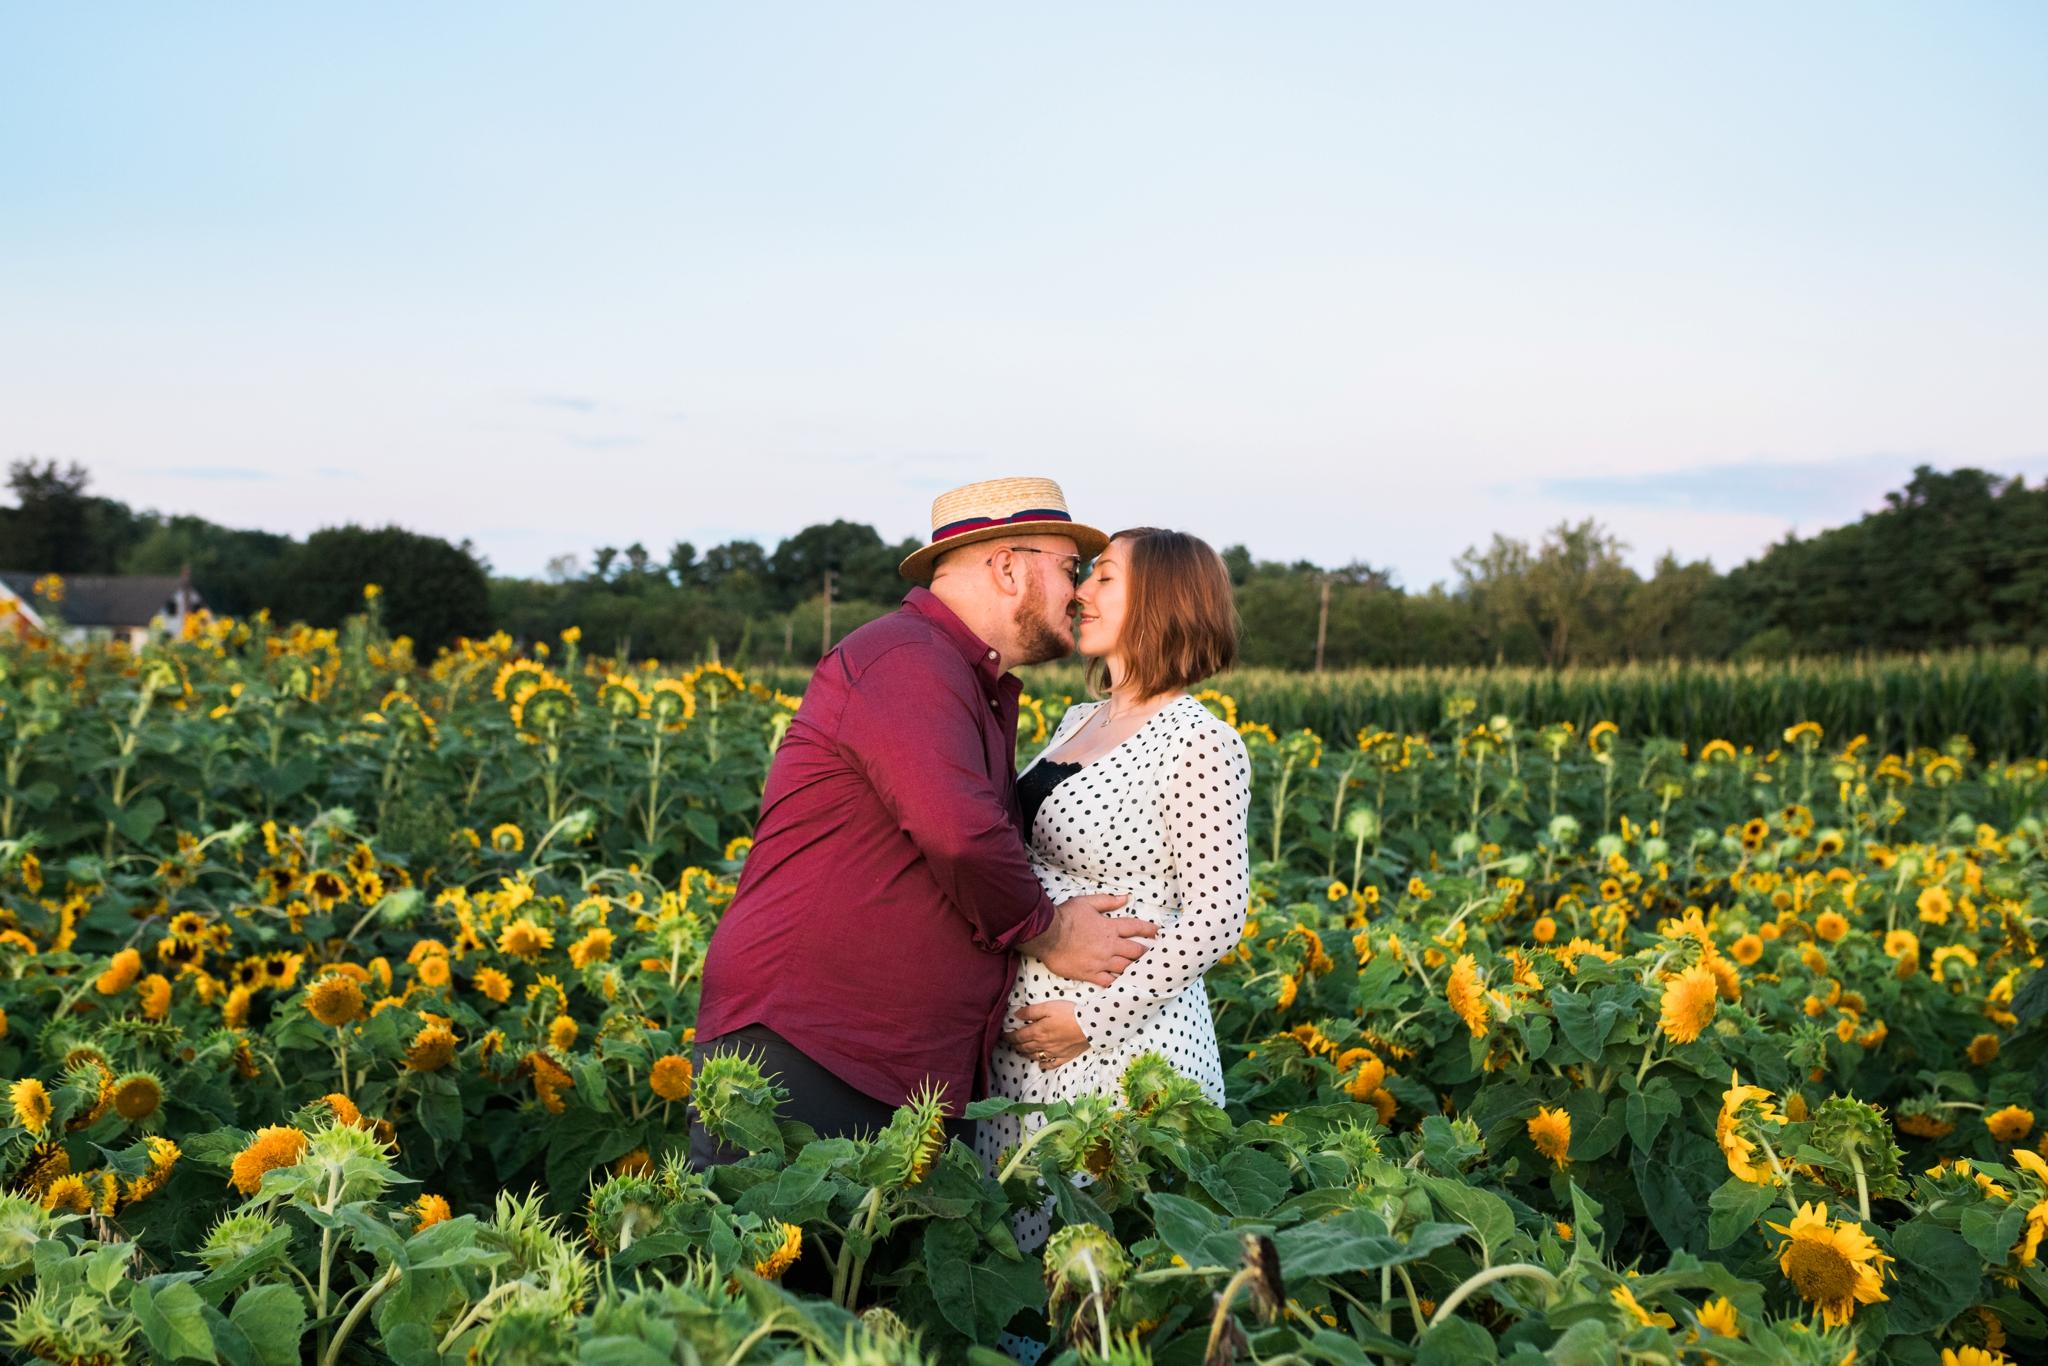 Emily Grace Photography, Lancaster PA Maternity Photographer, Sunflower Field Maternity Photos, Oregon Dairy Sunflower Field Photos